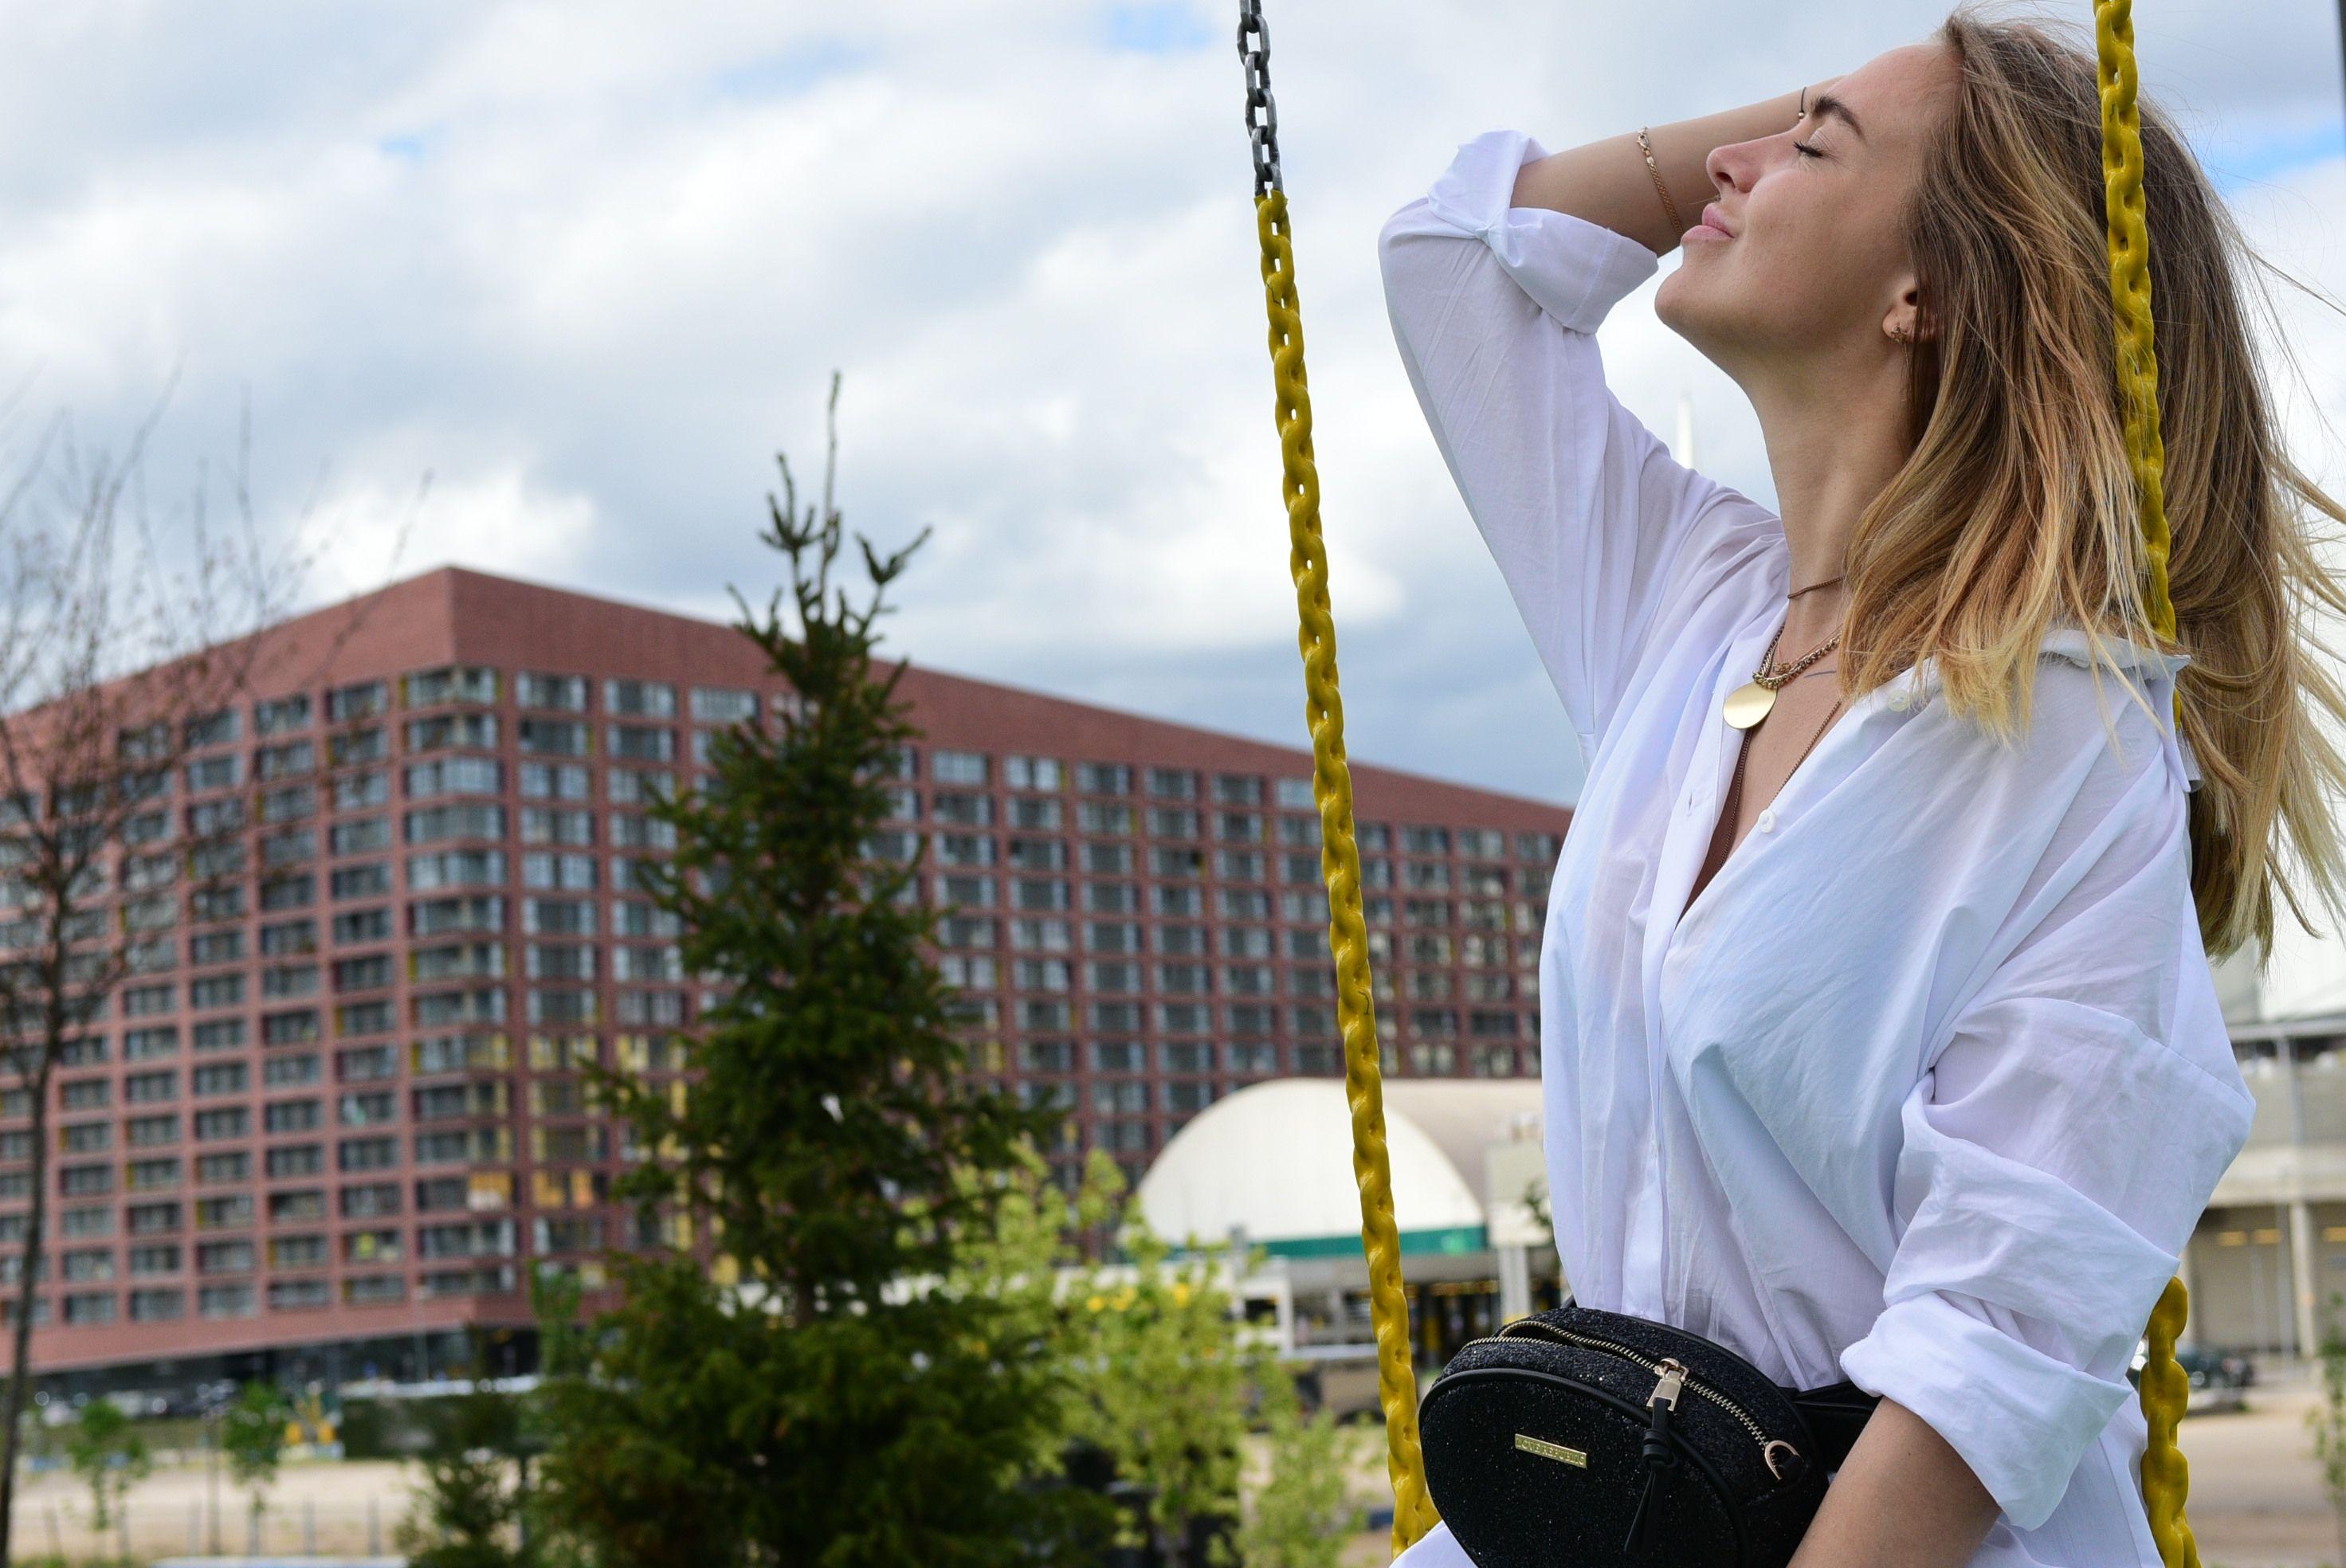 Москвичей ожидает сухая и теплая погода в выходные дни.Фото: архив, «Вечерняя Москва»